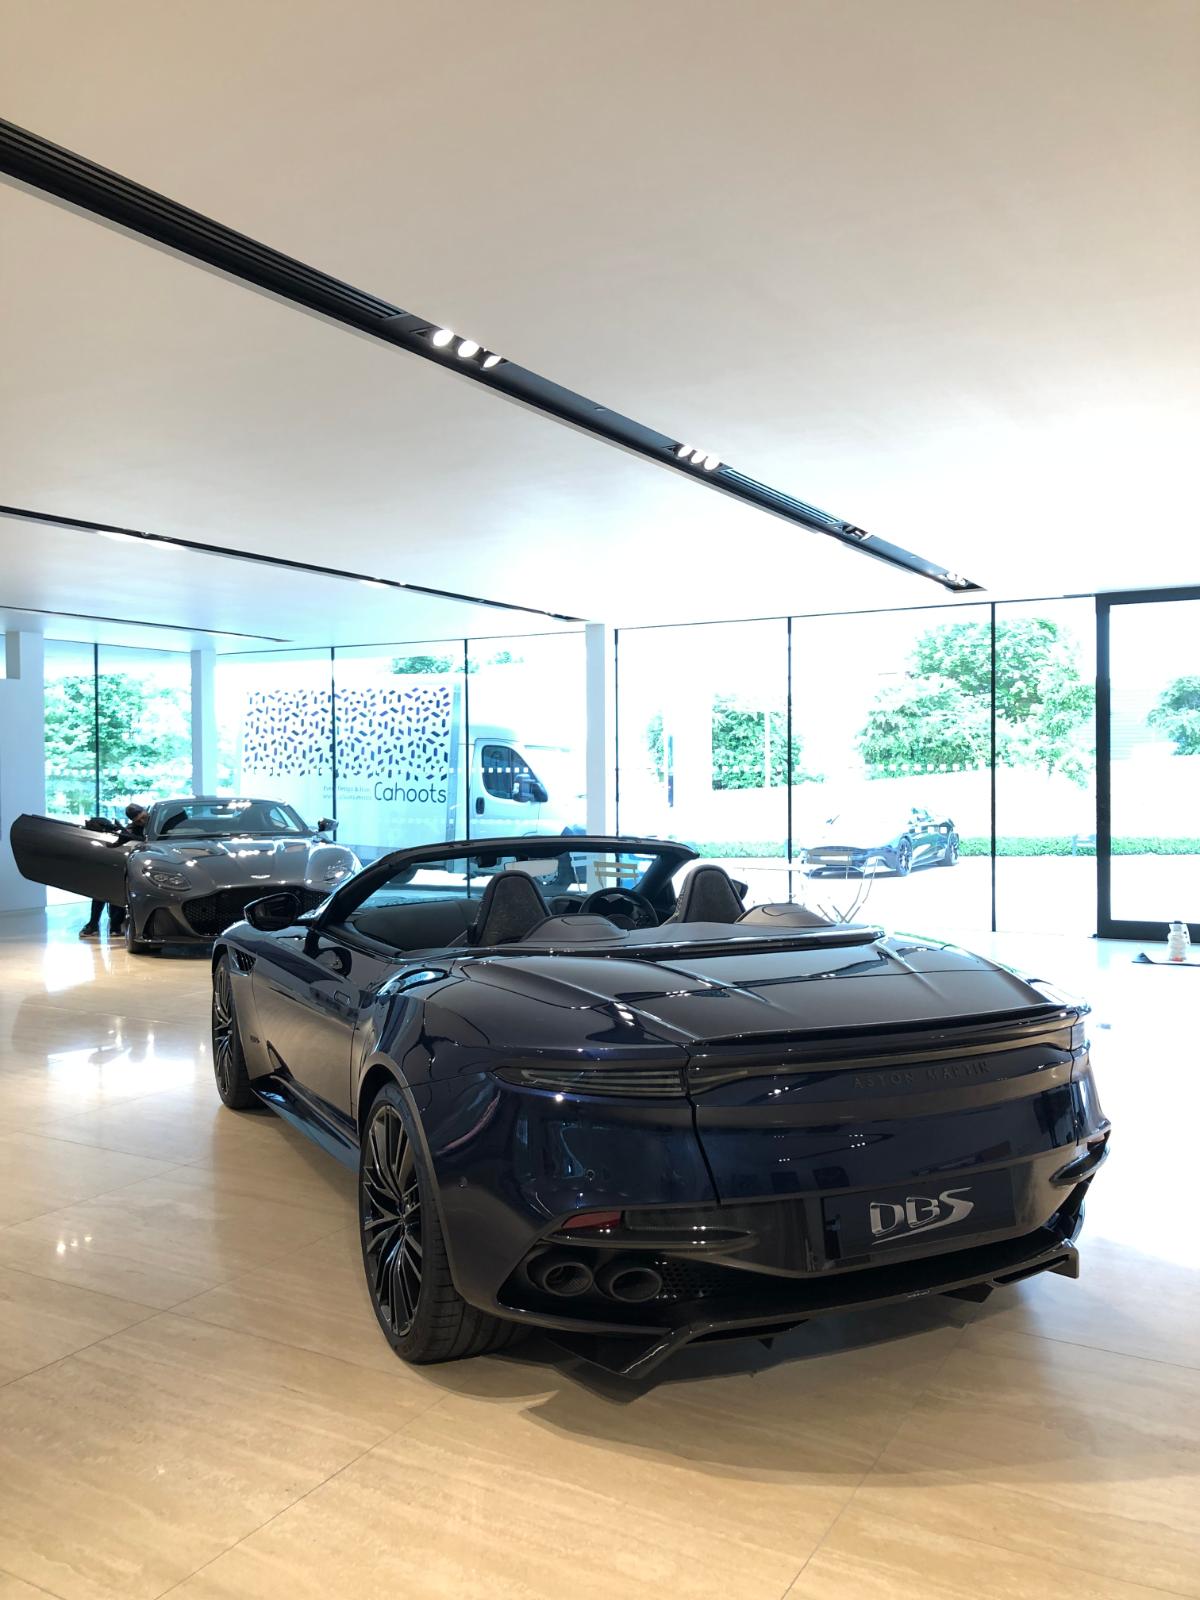 Aston Martin DBS Superleggera Volante Rear